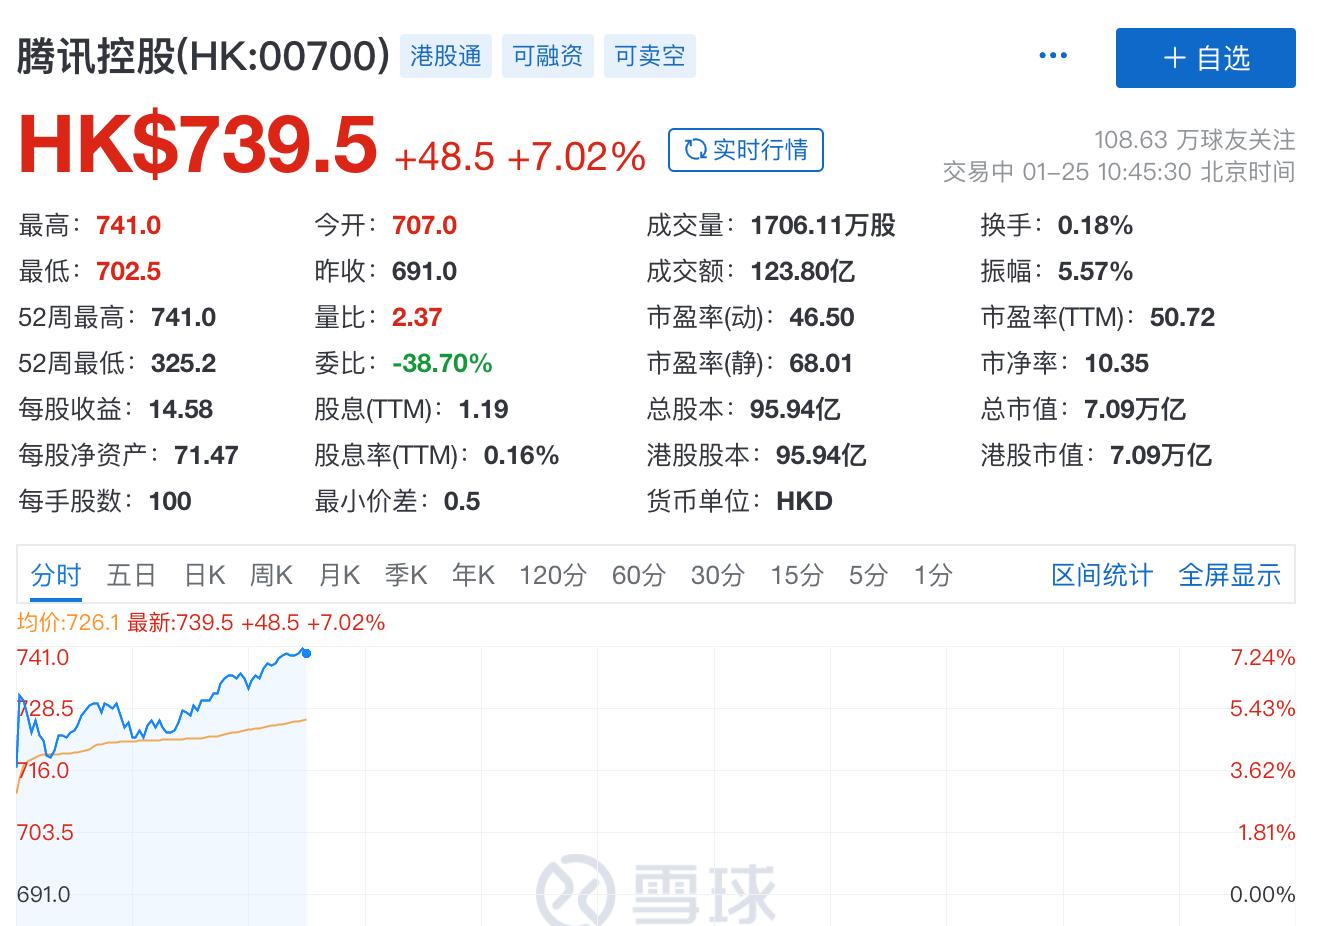 腾讯控股市值突破7万亿港元 超国有六大银行总和